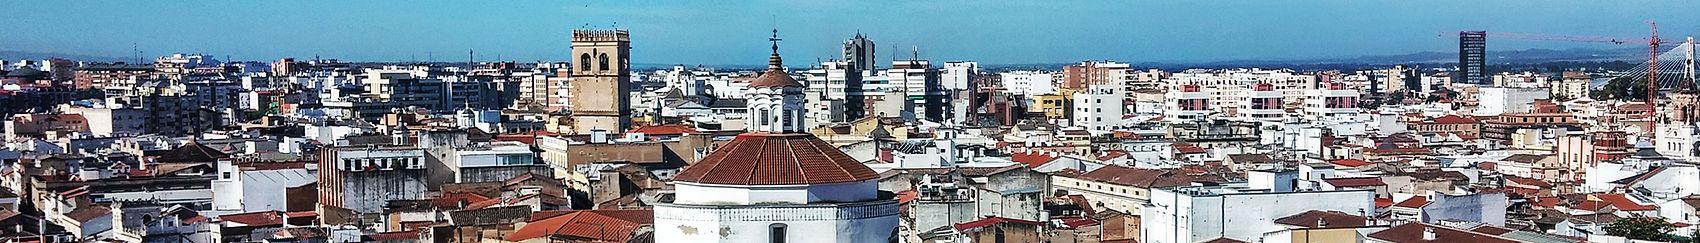 Locapedias de Badajoz